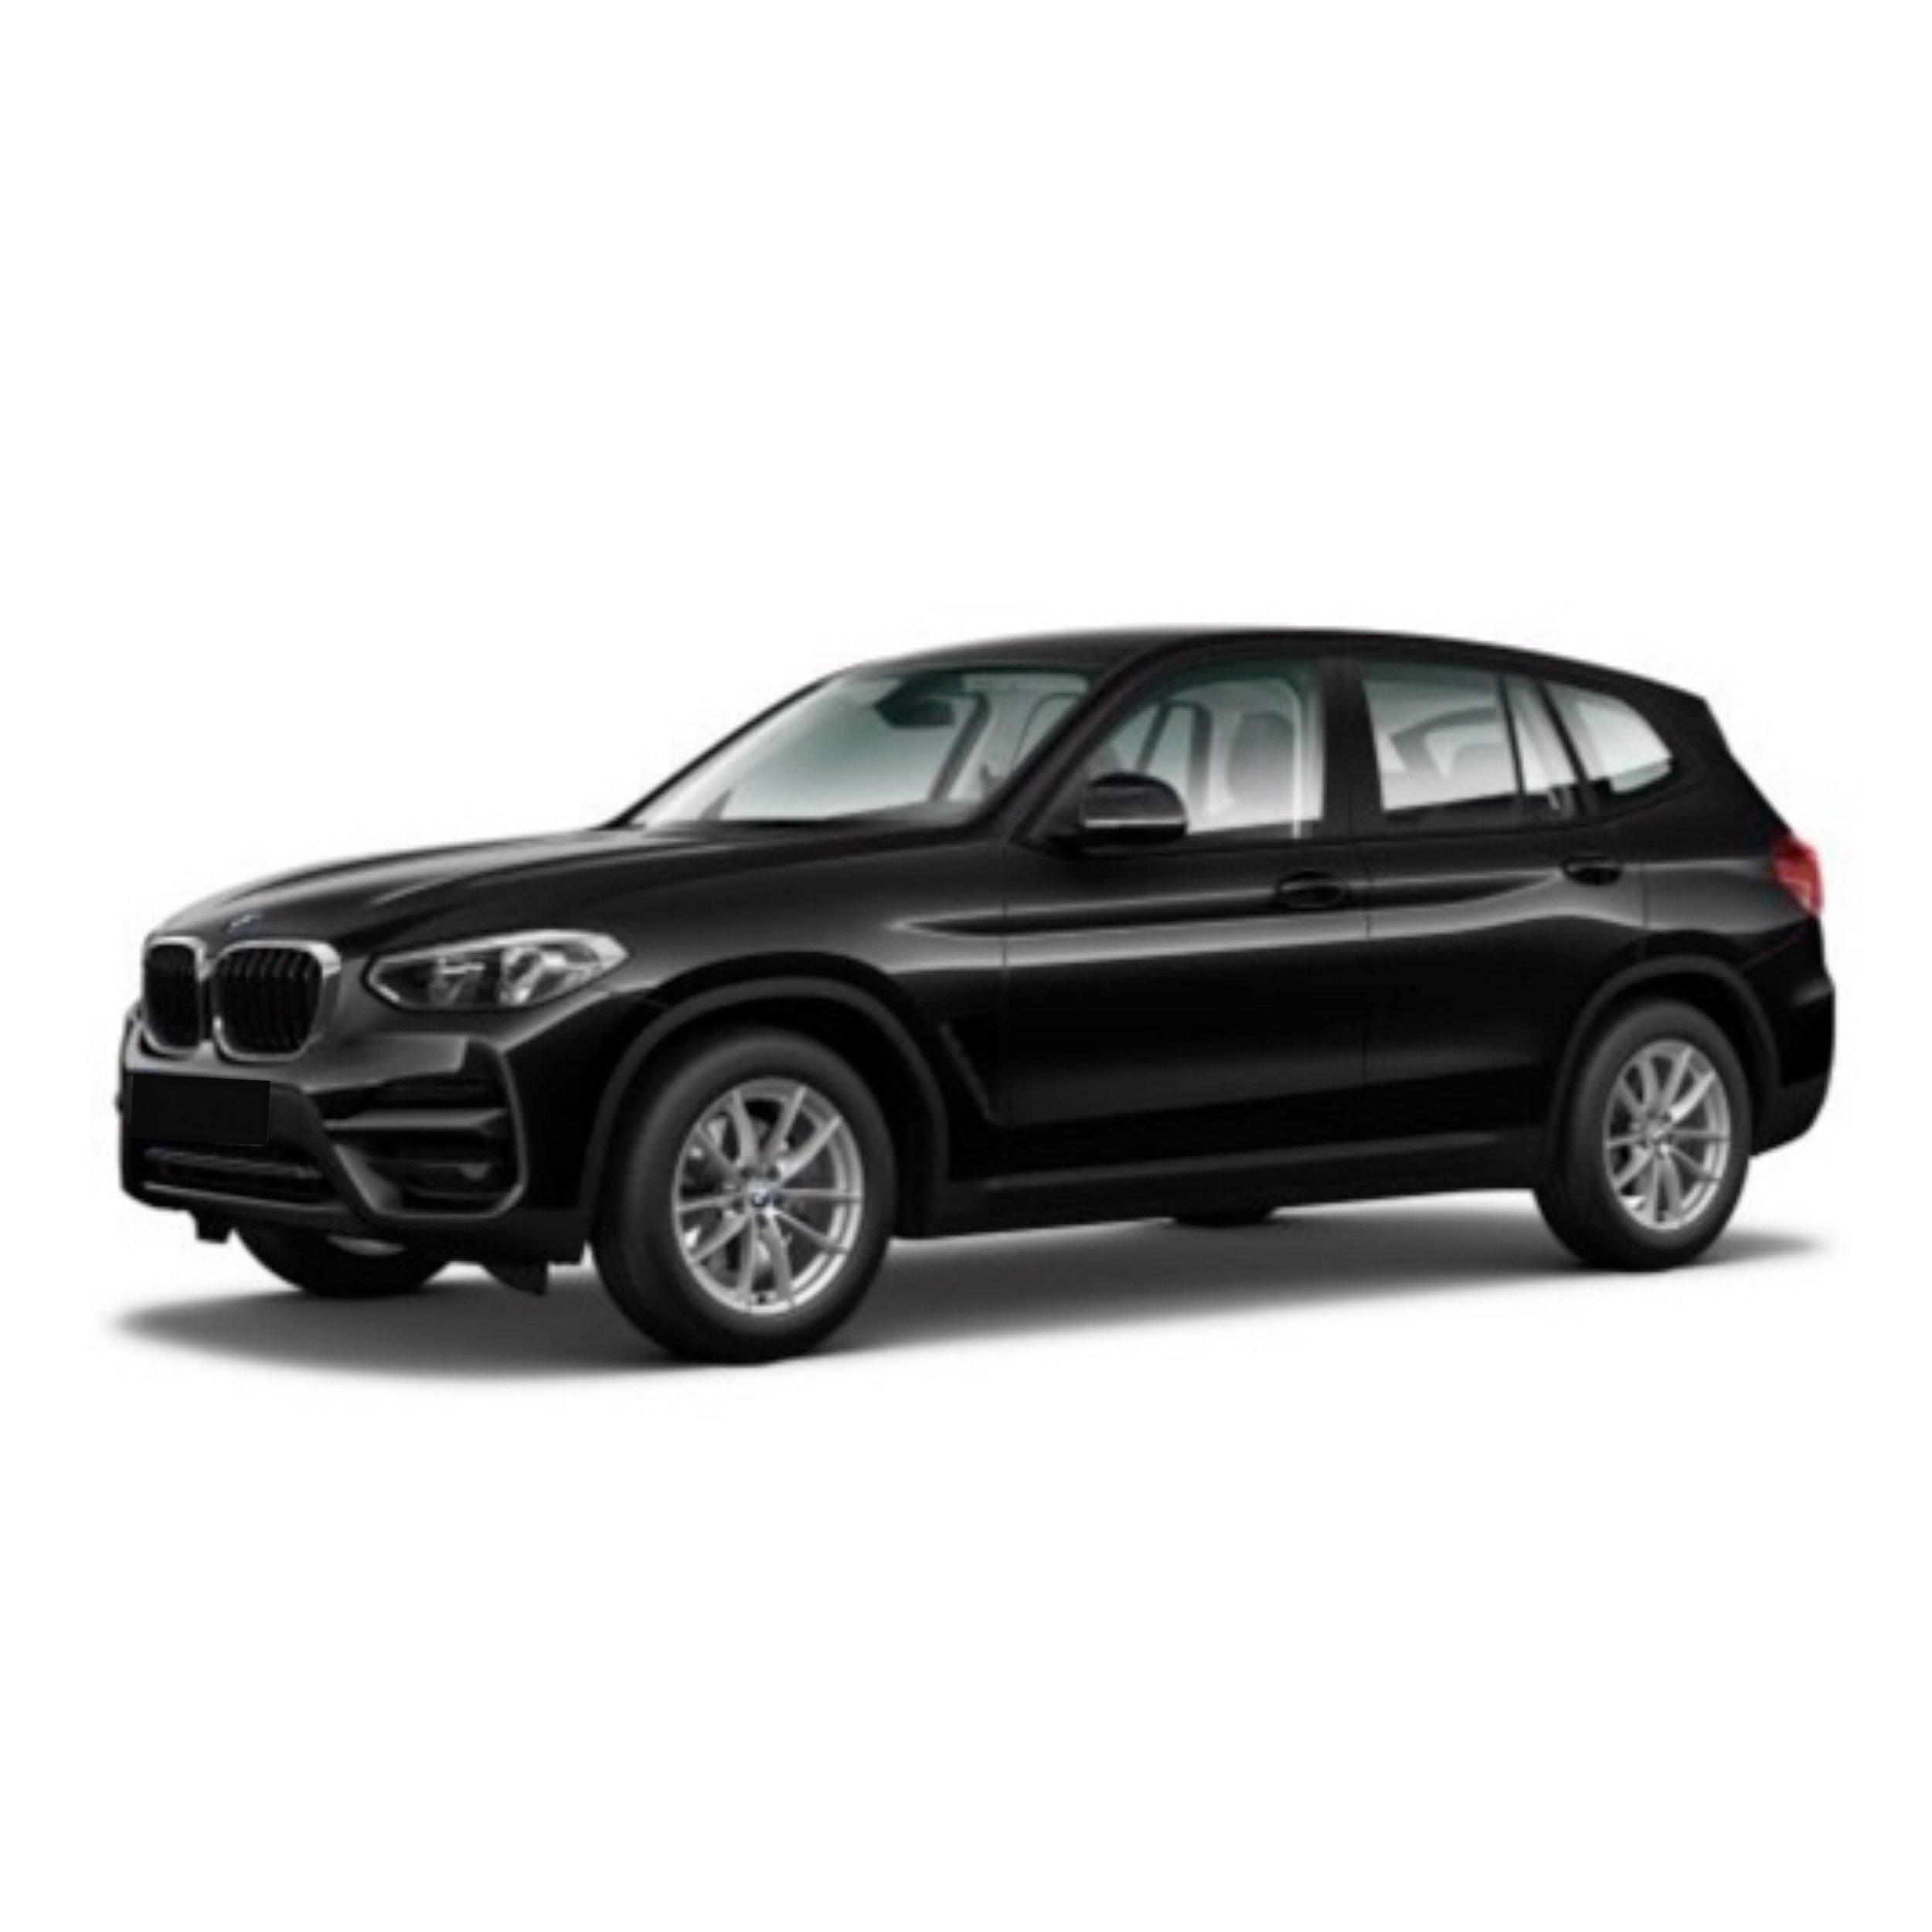 BMW X3 xDrive20d (190 PS)339,00€ / Monat - *Nur Gewerbekunden*alle Werte zzgl. der jeweiligen Umsatzsteuer